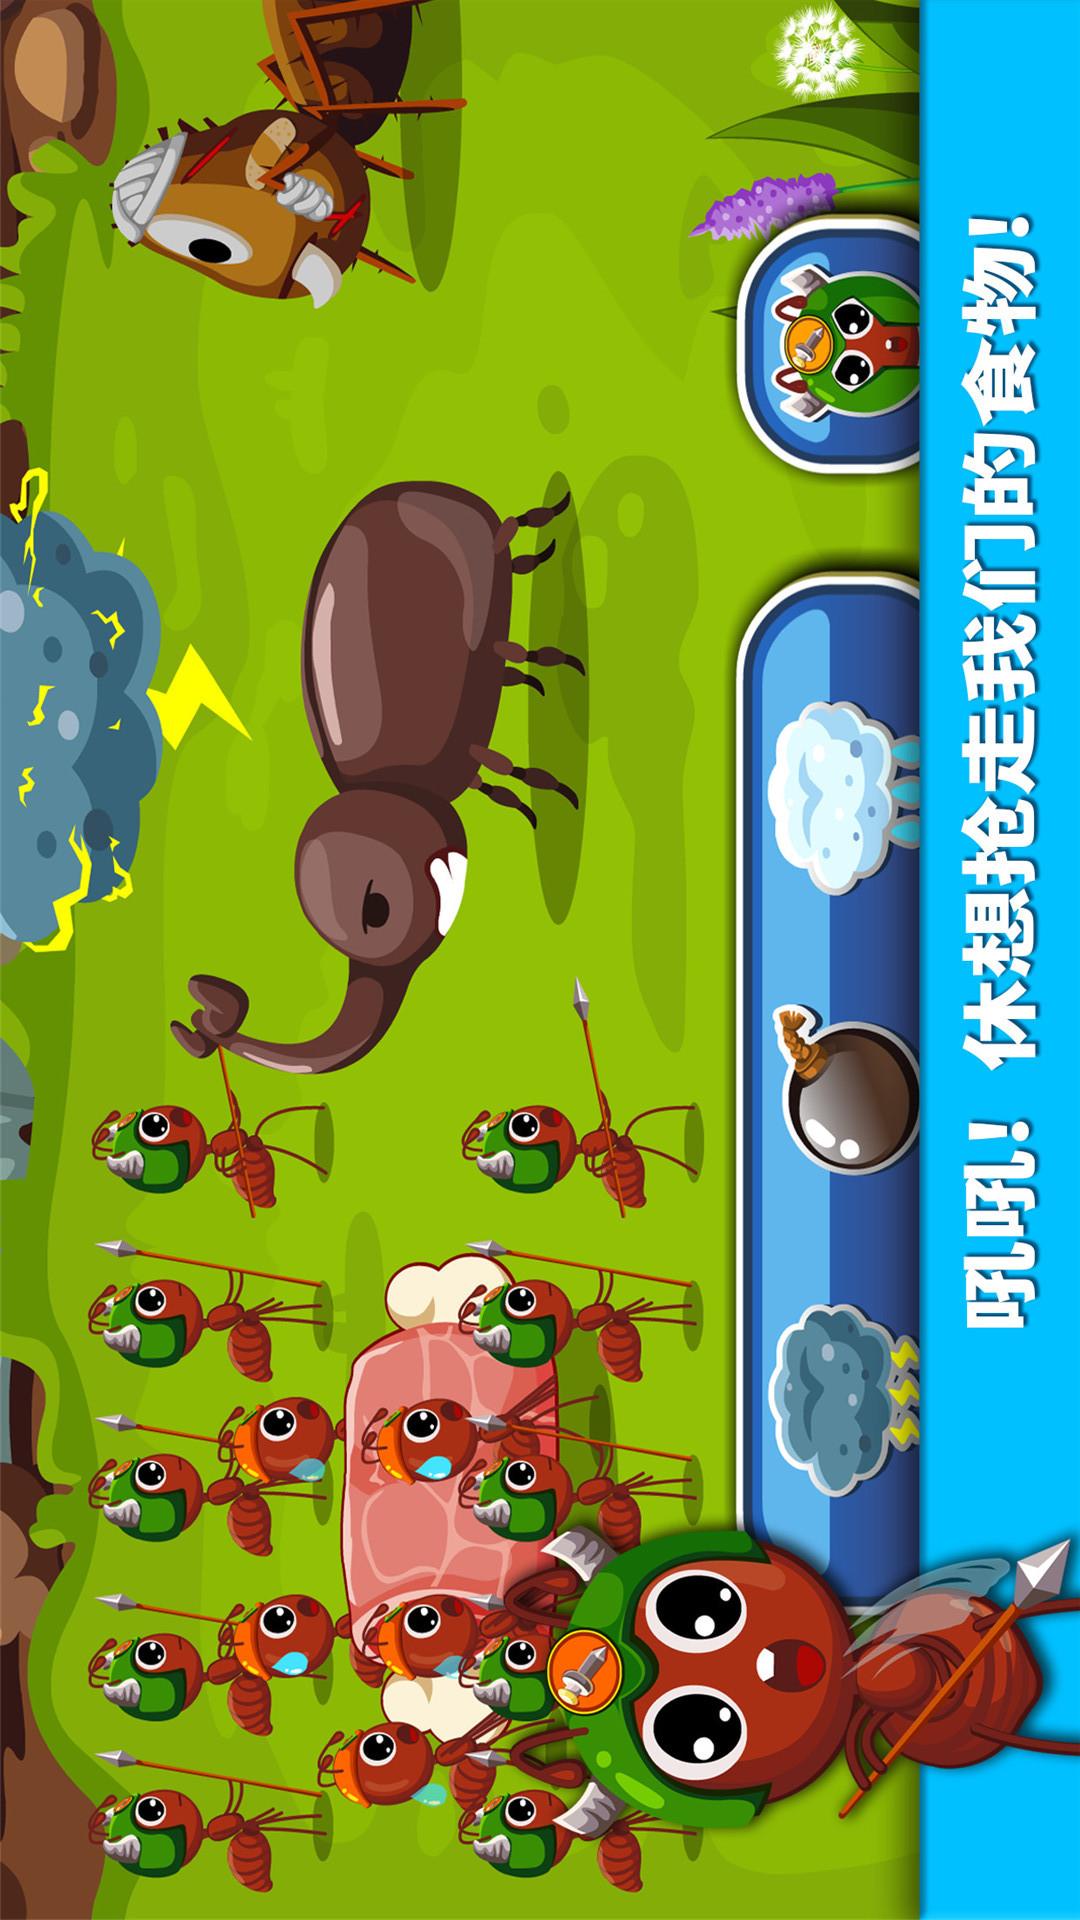 宝宝认蚂蚁-昆虫世界-应用截图